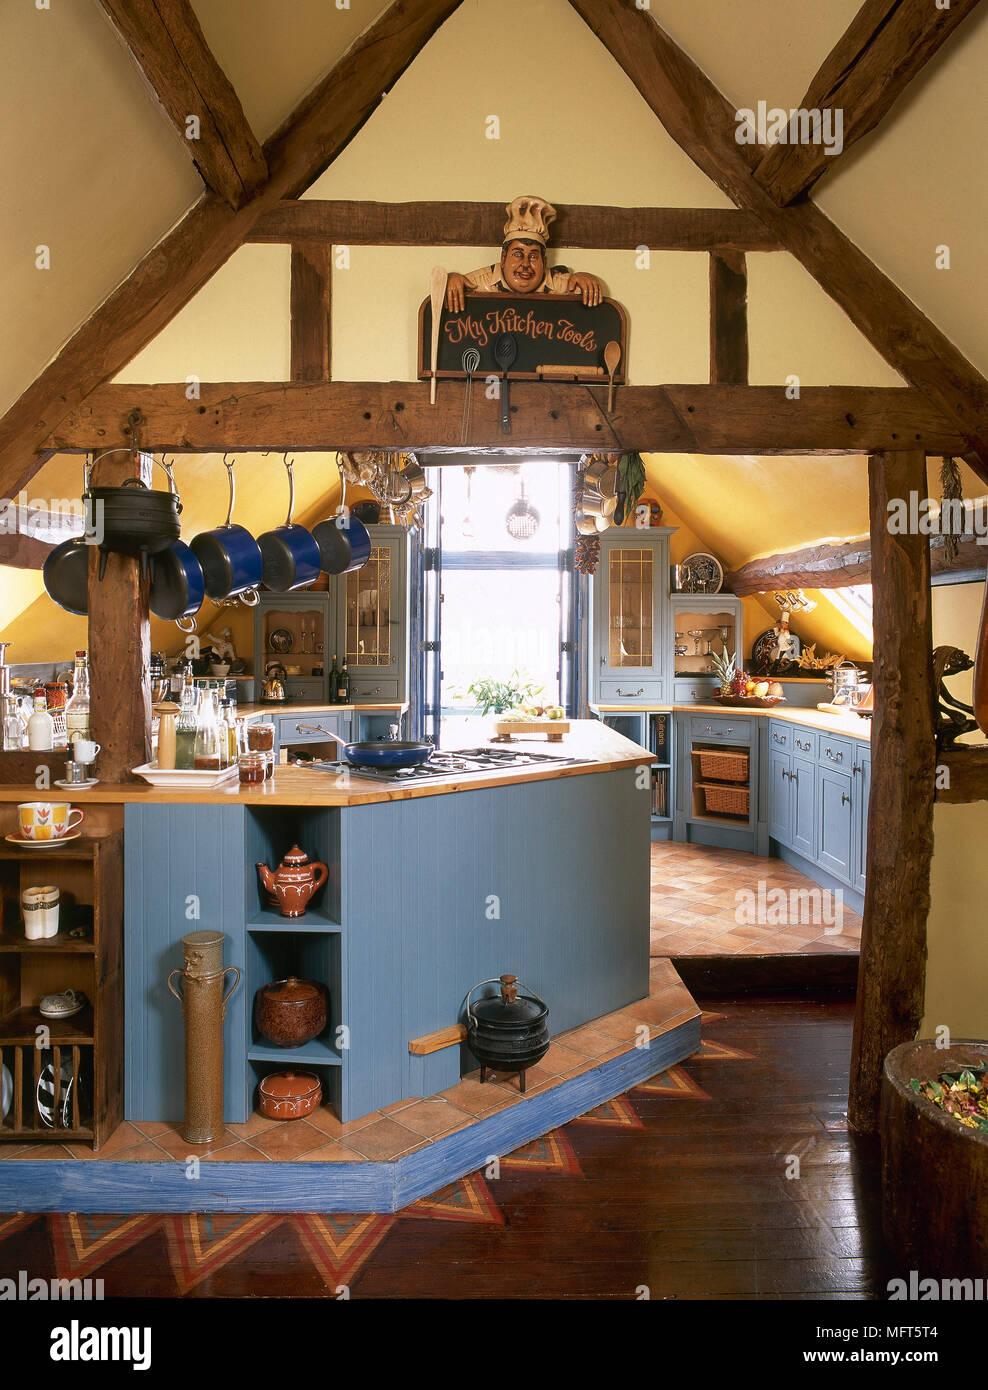 Blau Holzgetafelten Kuche Workbench In Gelb Lackiert Scheune Mit